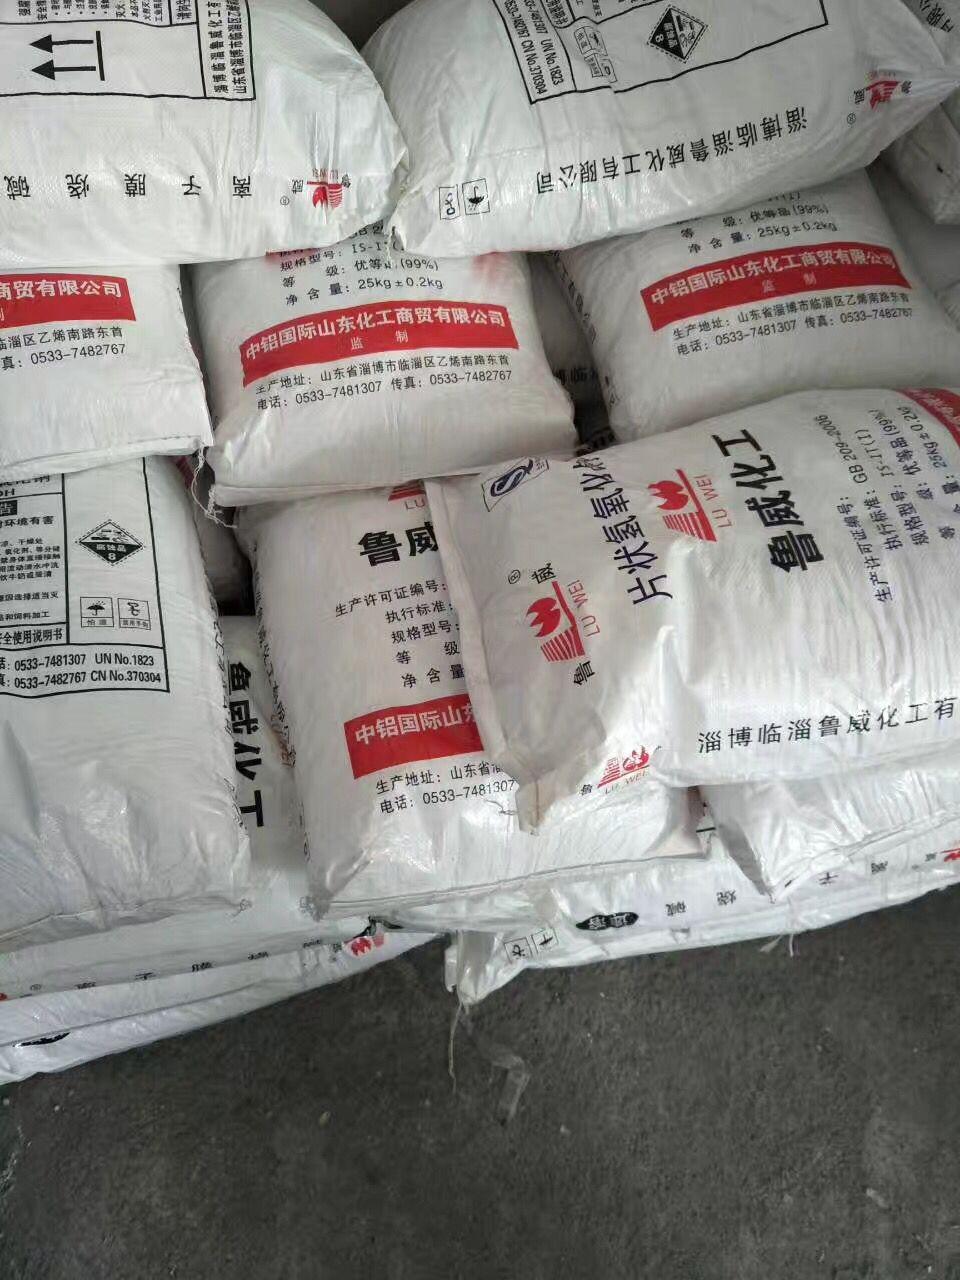 【火碱厂家】湘潭岳塘——火碱——哪里有卖——河南广江环保科技——欢迎您